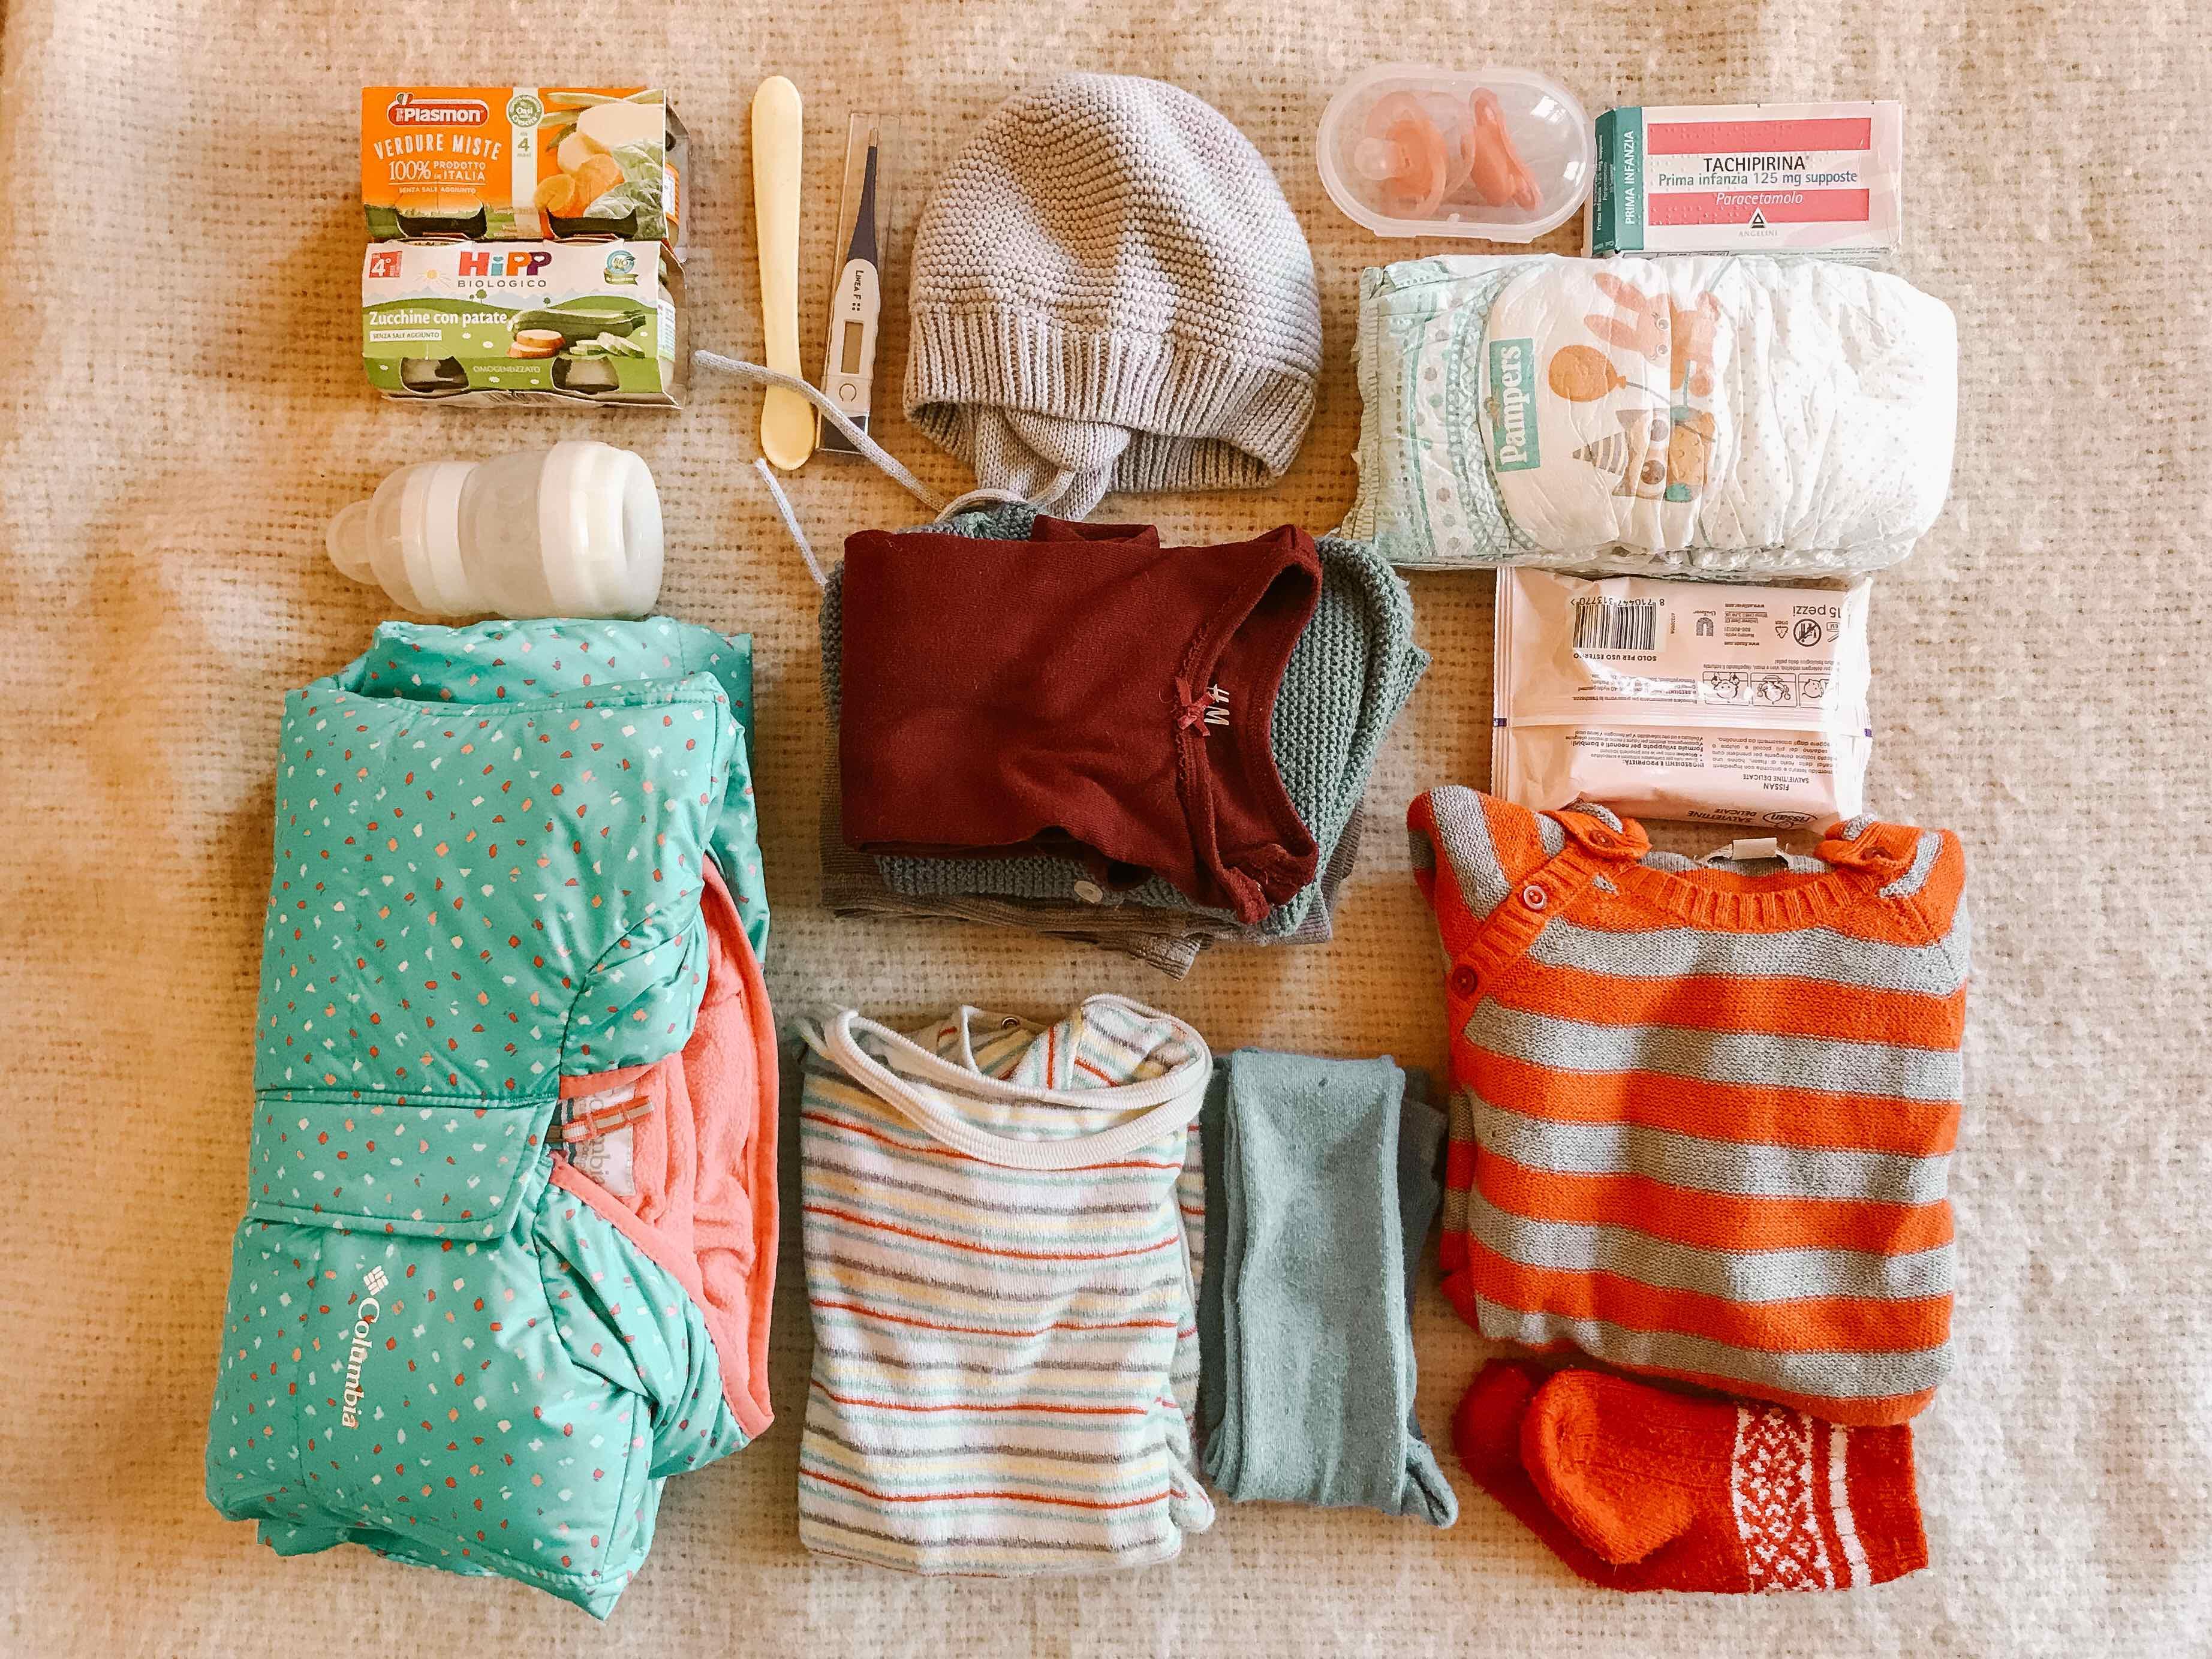 Cosa ho messo nello zaino: vestiti e accessori per bambini piegati sul letto